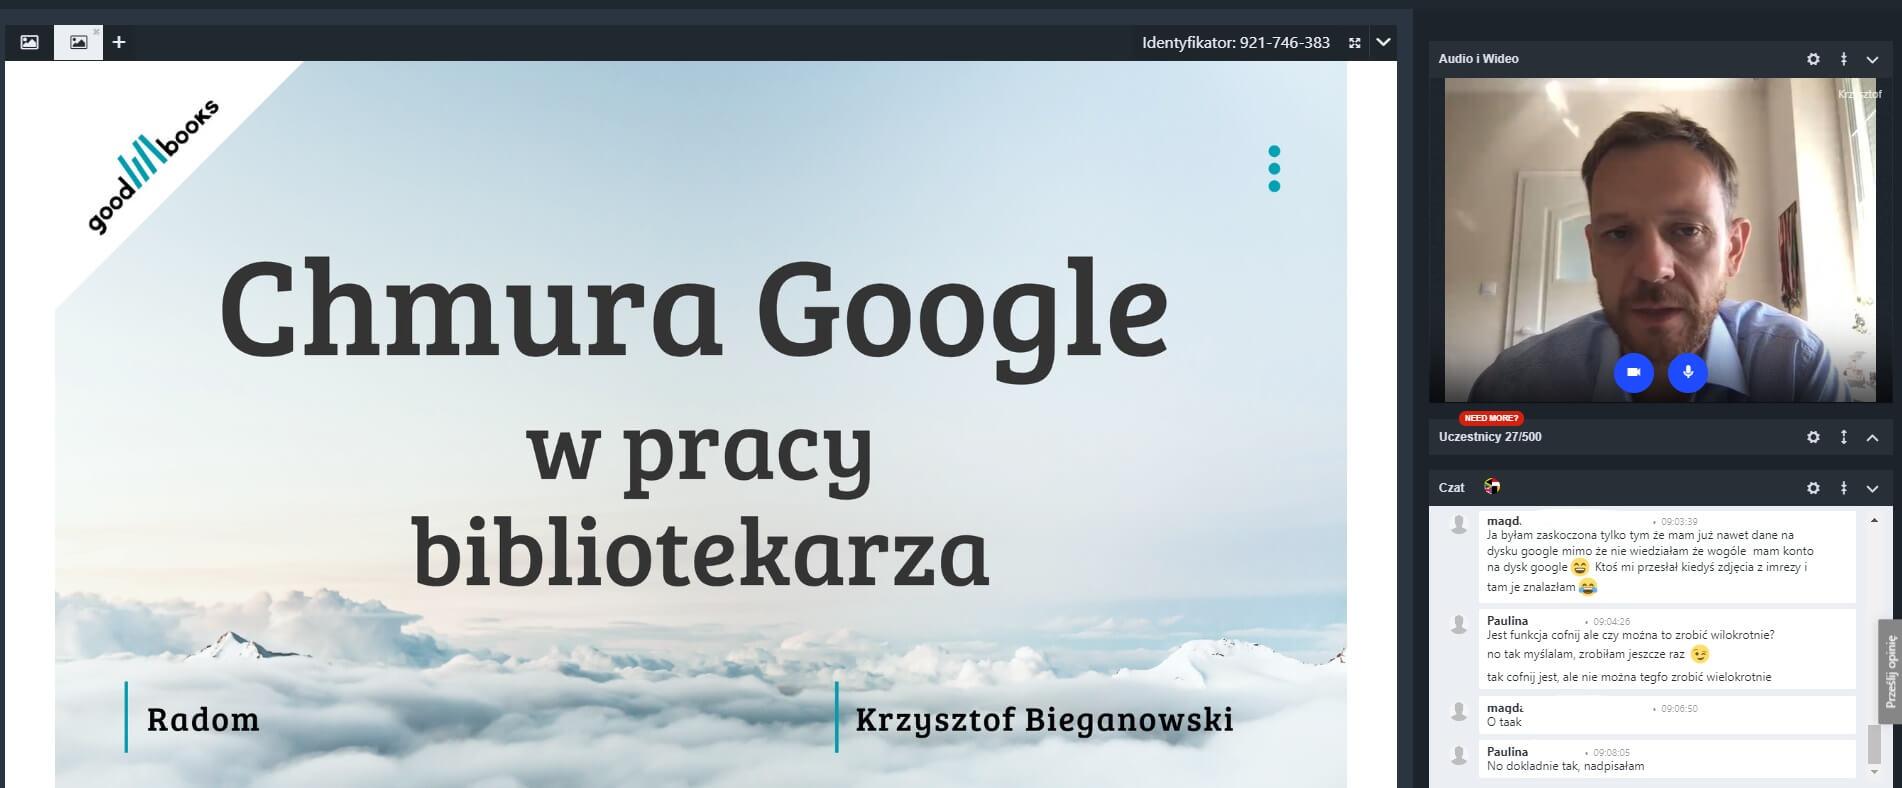 warsztaty dla bibliotekarzy Chmura Google w pracy bibliotekarza